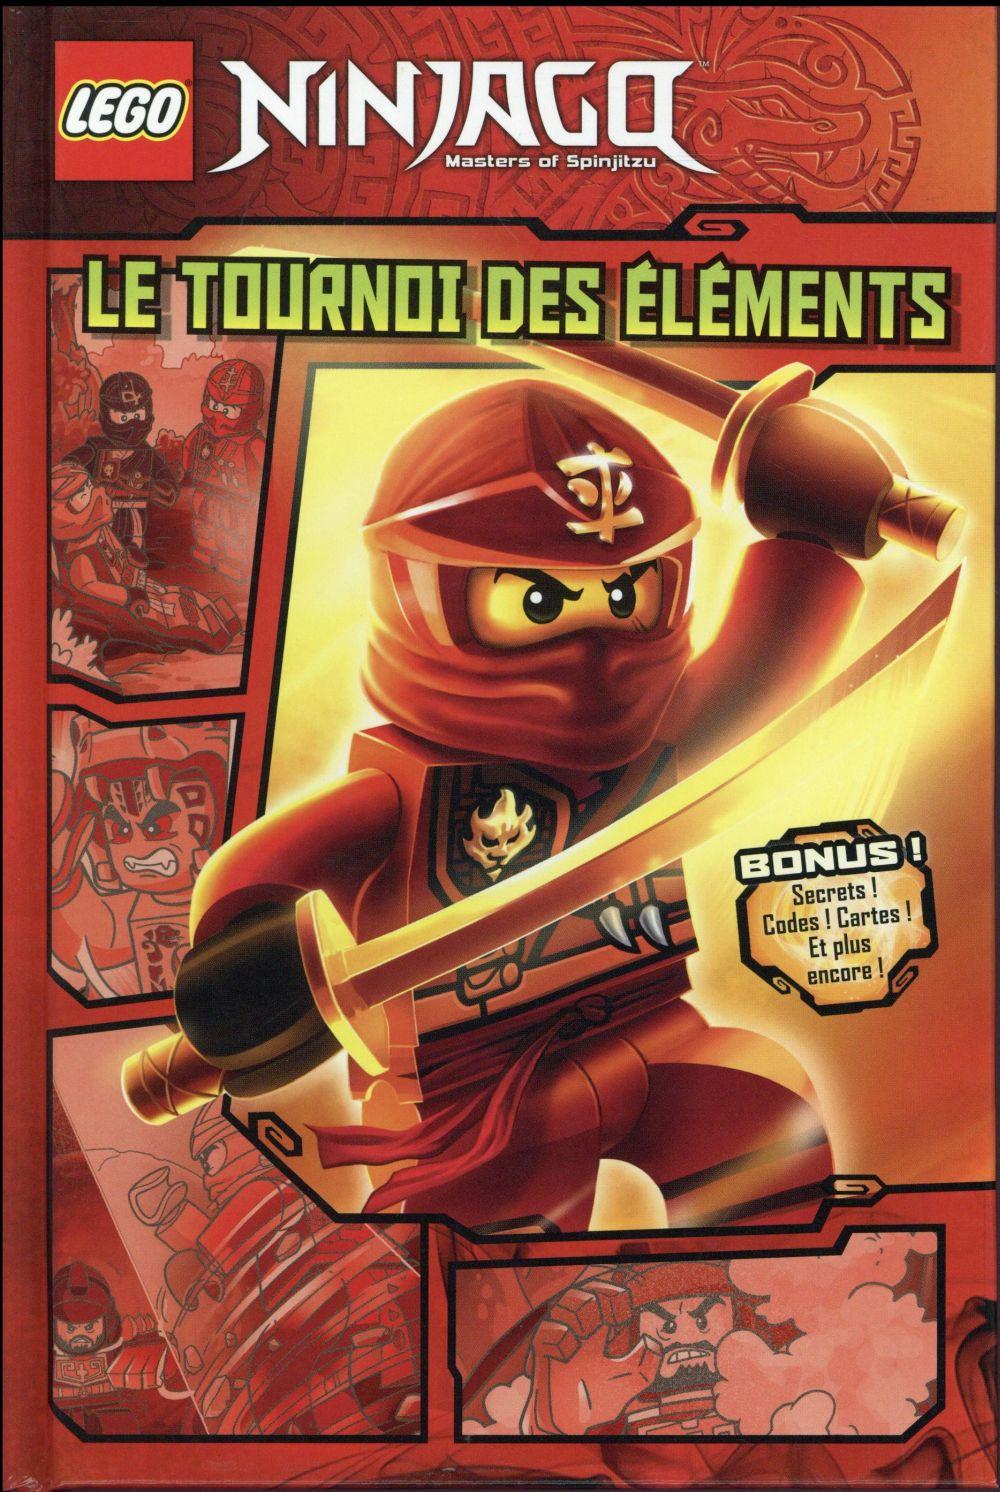 LEGO T1